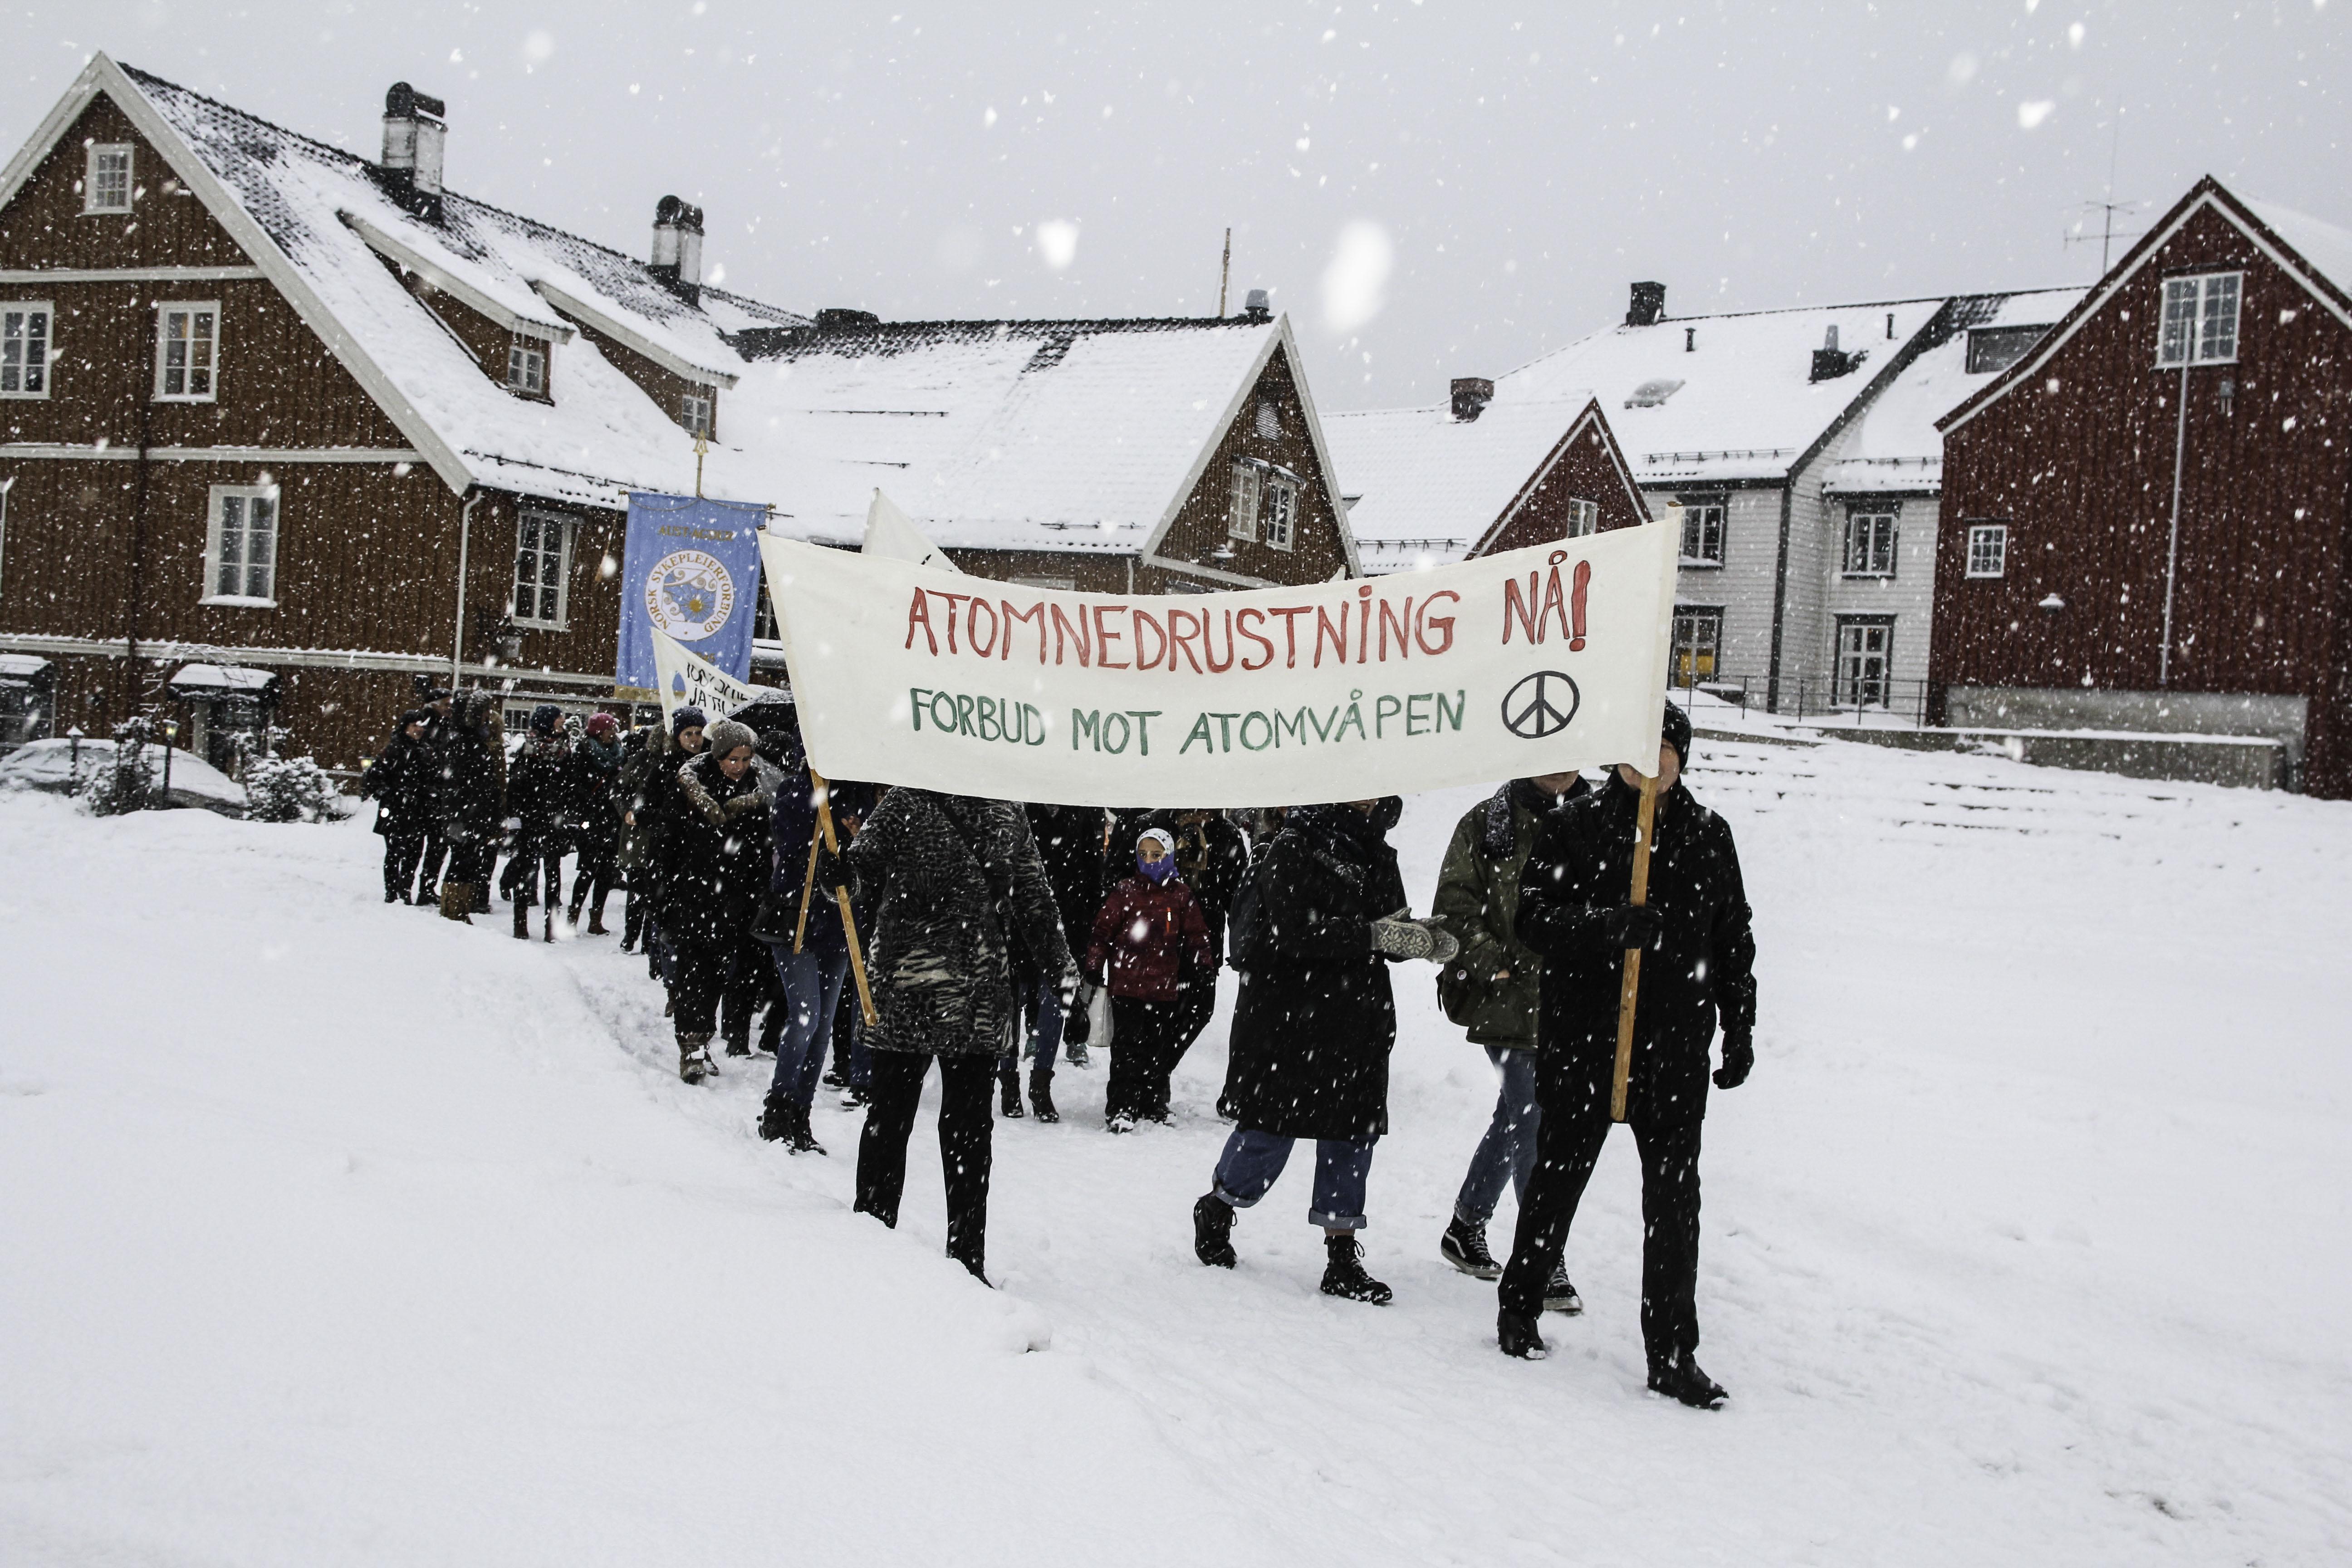 ATOMNEDRUSTNING: Forbud mot atomvåpen var i år igjen en av parolene. Foto: Grete Husebø